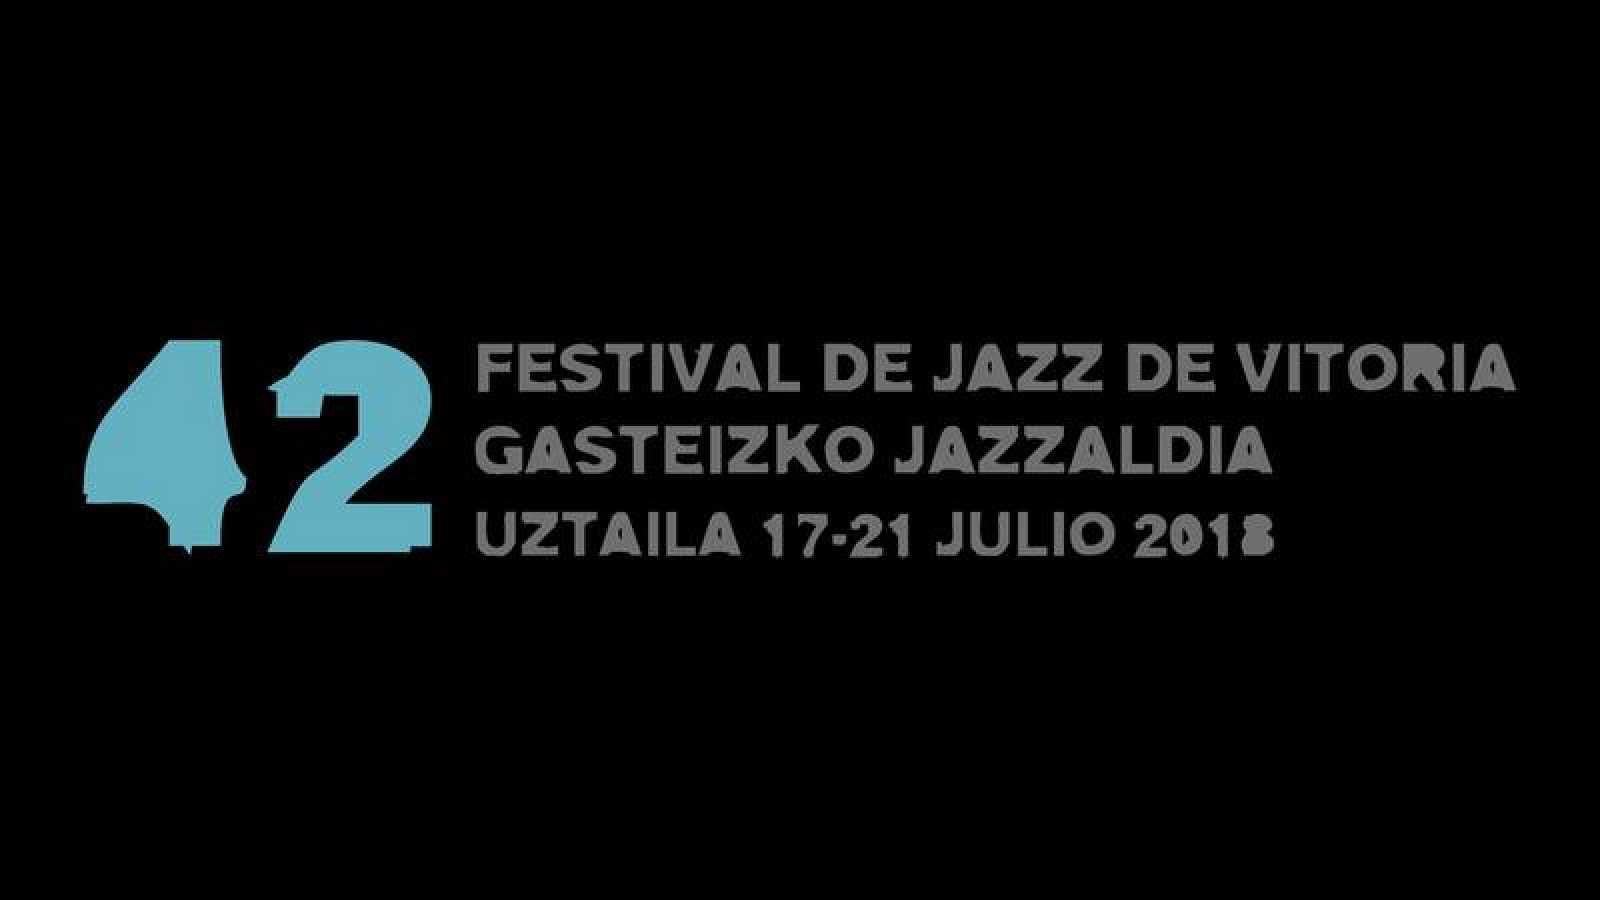 Cartel de la 42ª edición del Festival de Jazz de Vitoria-Gasteiz